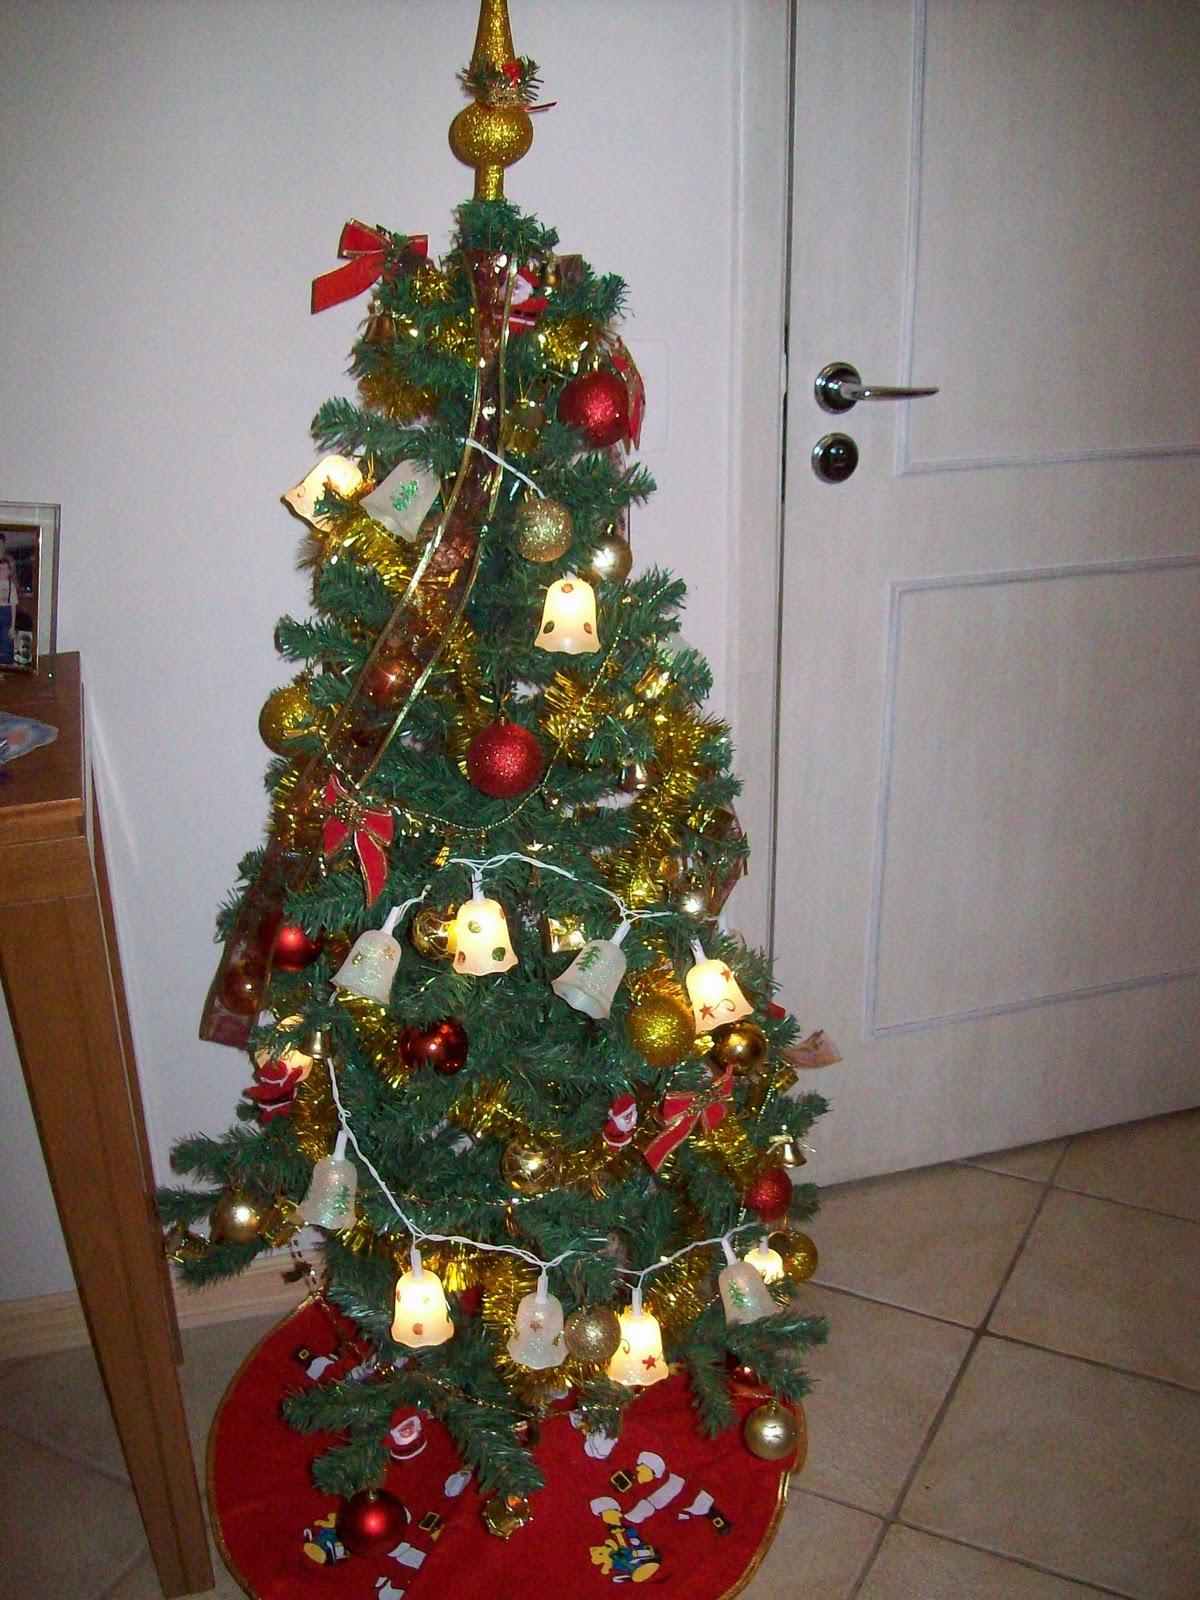 decoracao arvore de natal vermelha e dourada : decoracao arvore de natal vermelha e dourada:em vermelho e dourado e a iluminação foi feita com luzes de sinos